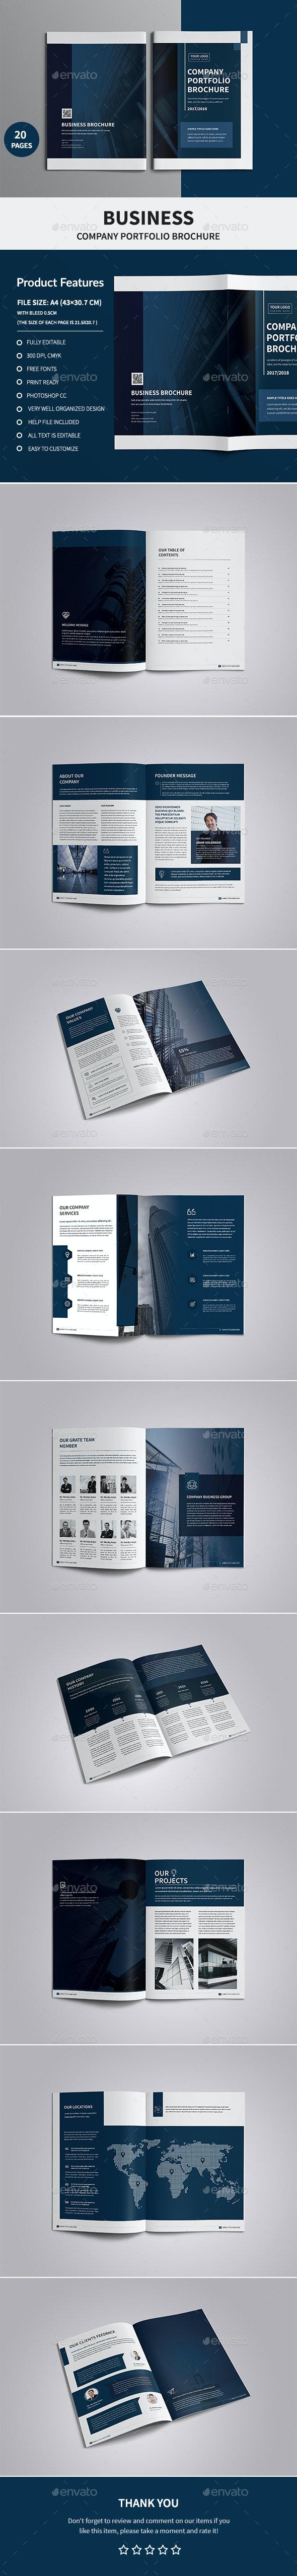 Corporate Company Profile Brochure - Corporate Brochures